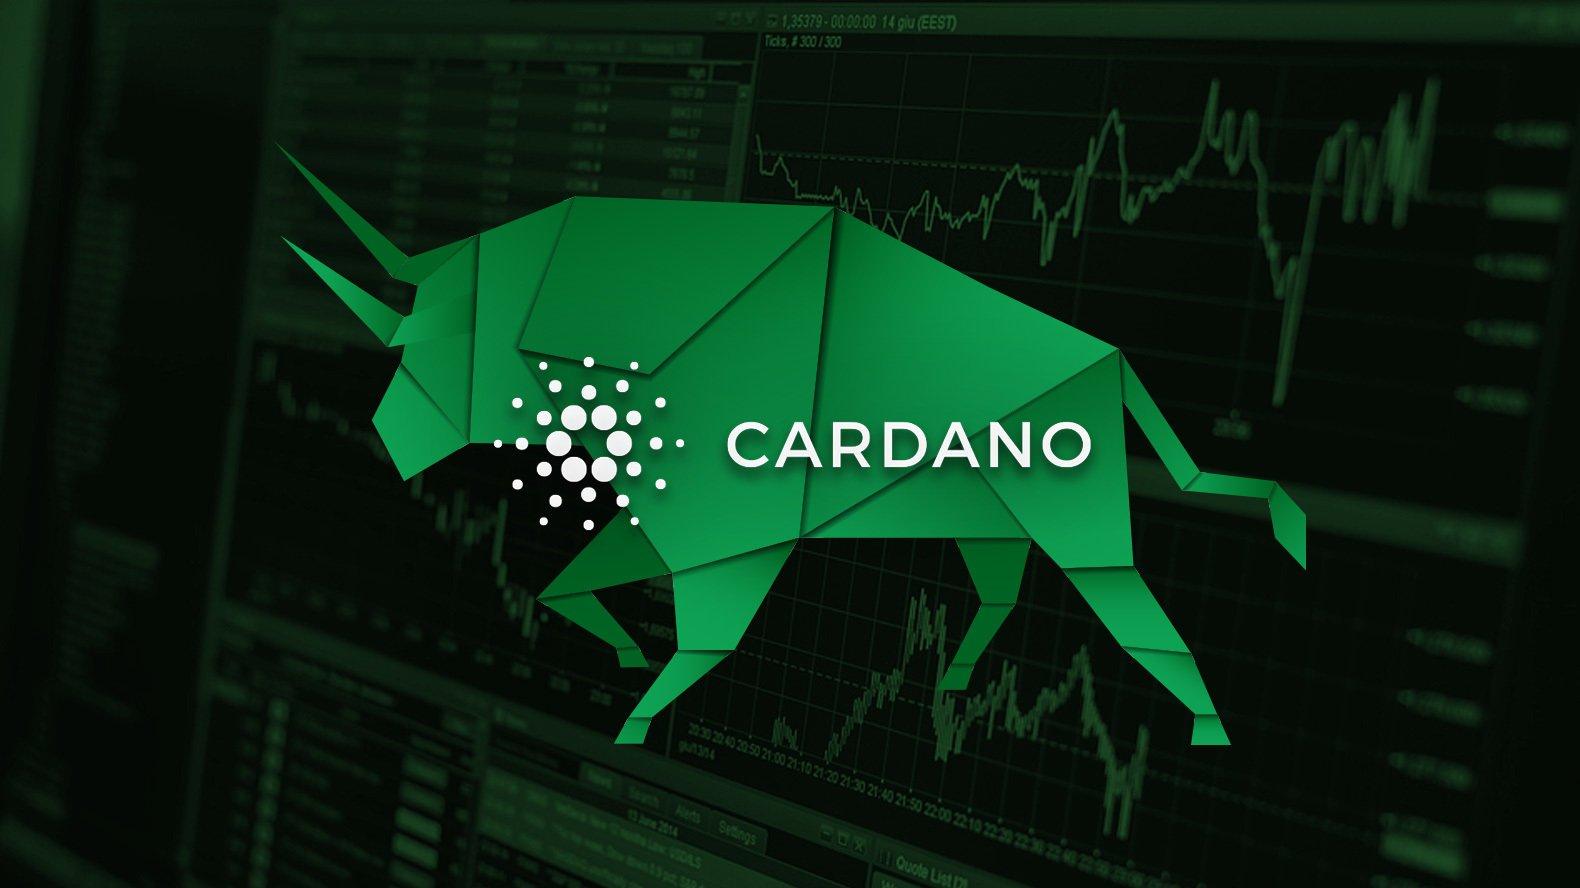 卡尔达诺价格分析-ADA凭借20%的价格上涨再次成为看涨者,成为当今涨幅最大的